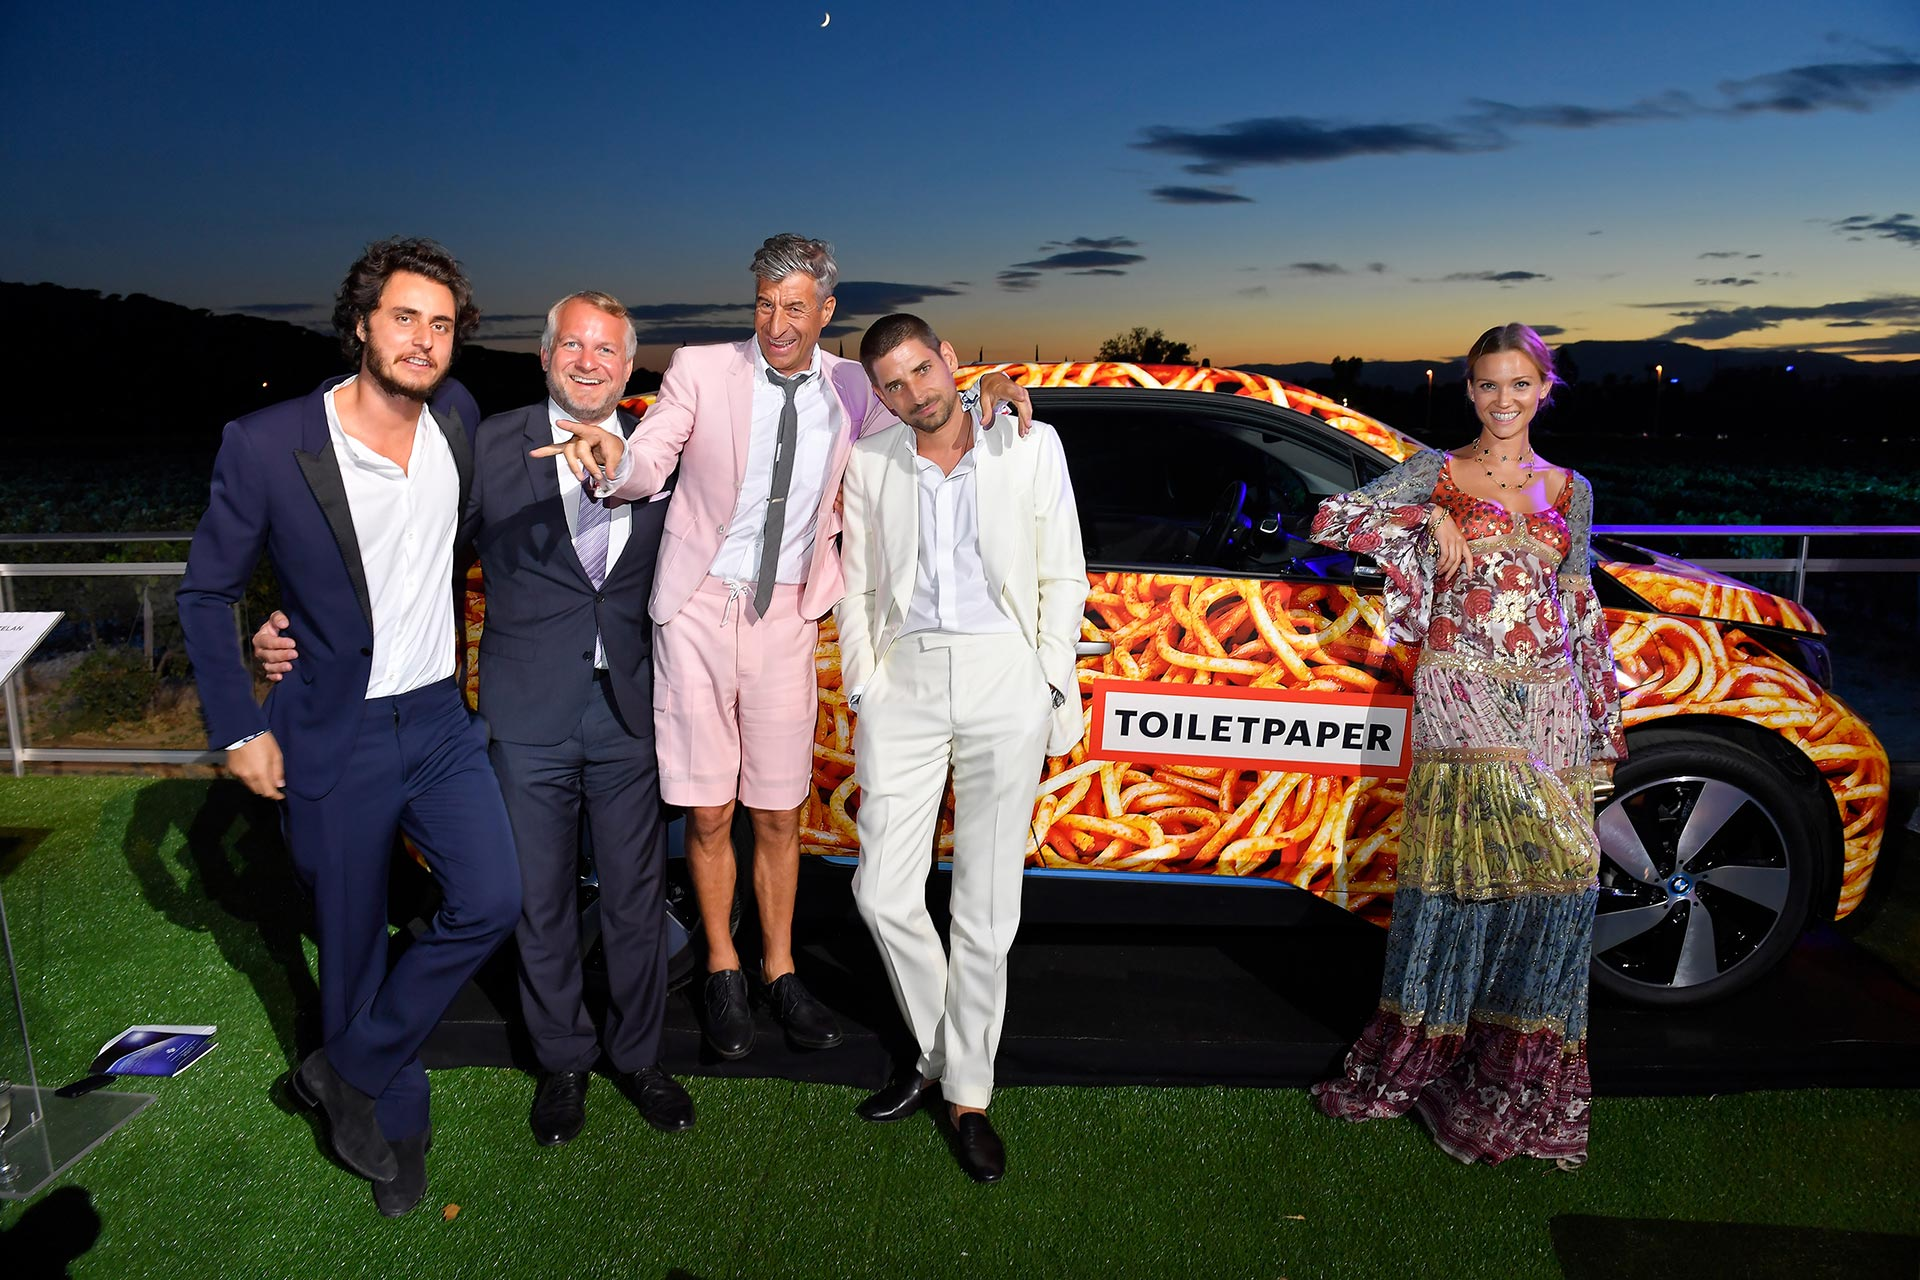 спагетти-кар BMW I3 и звездные гости